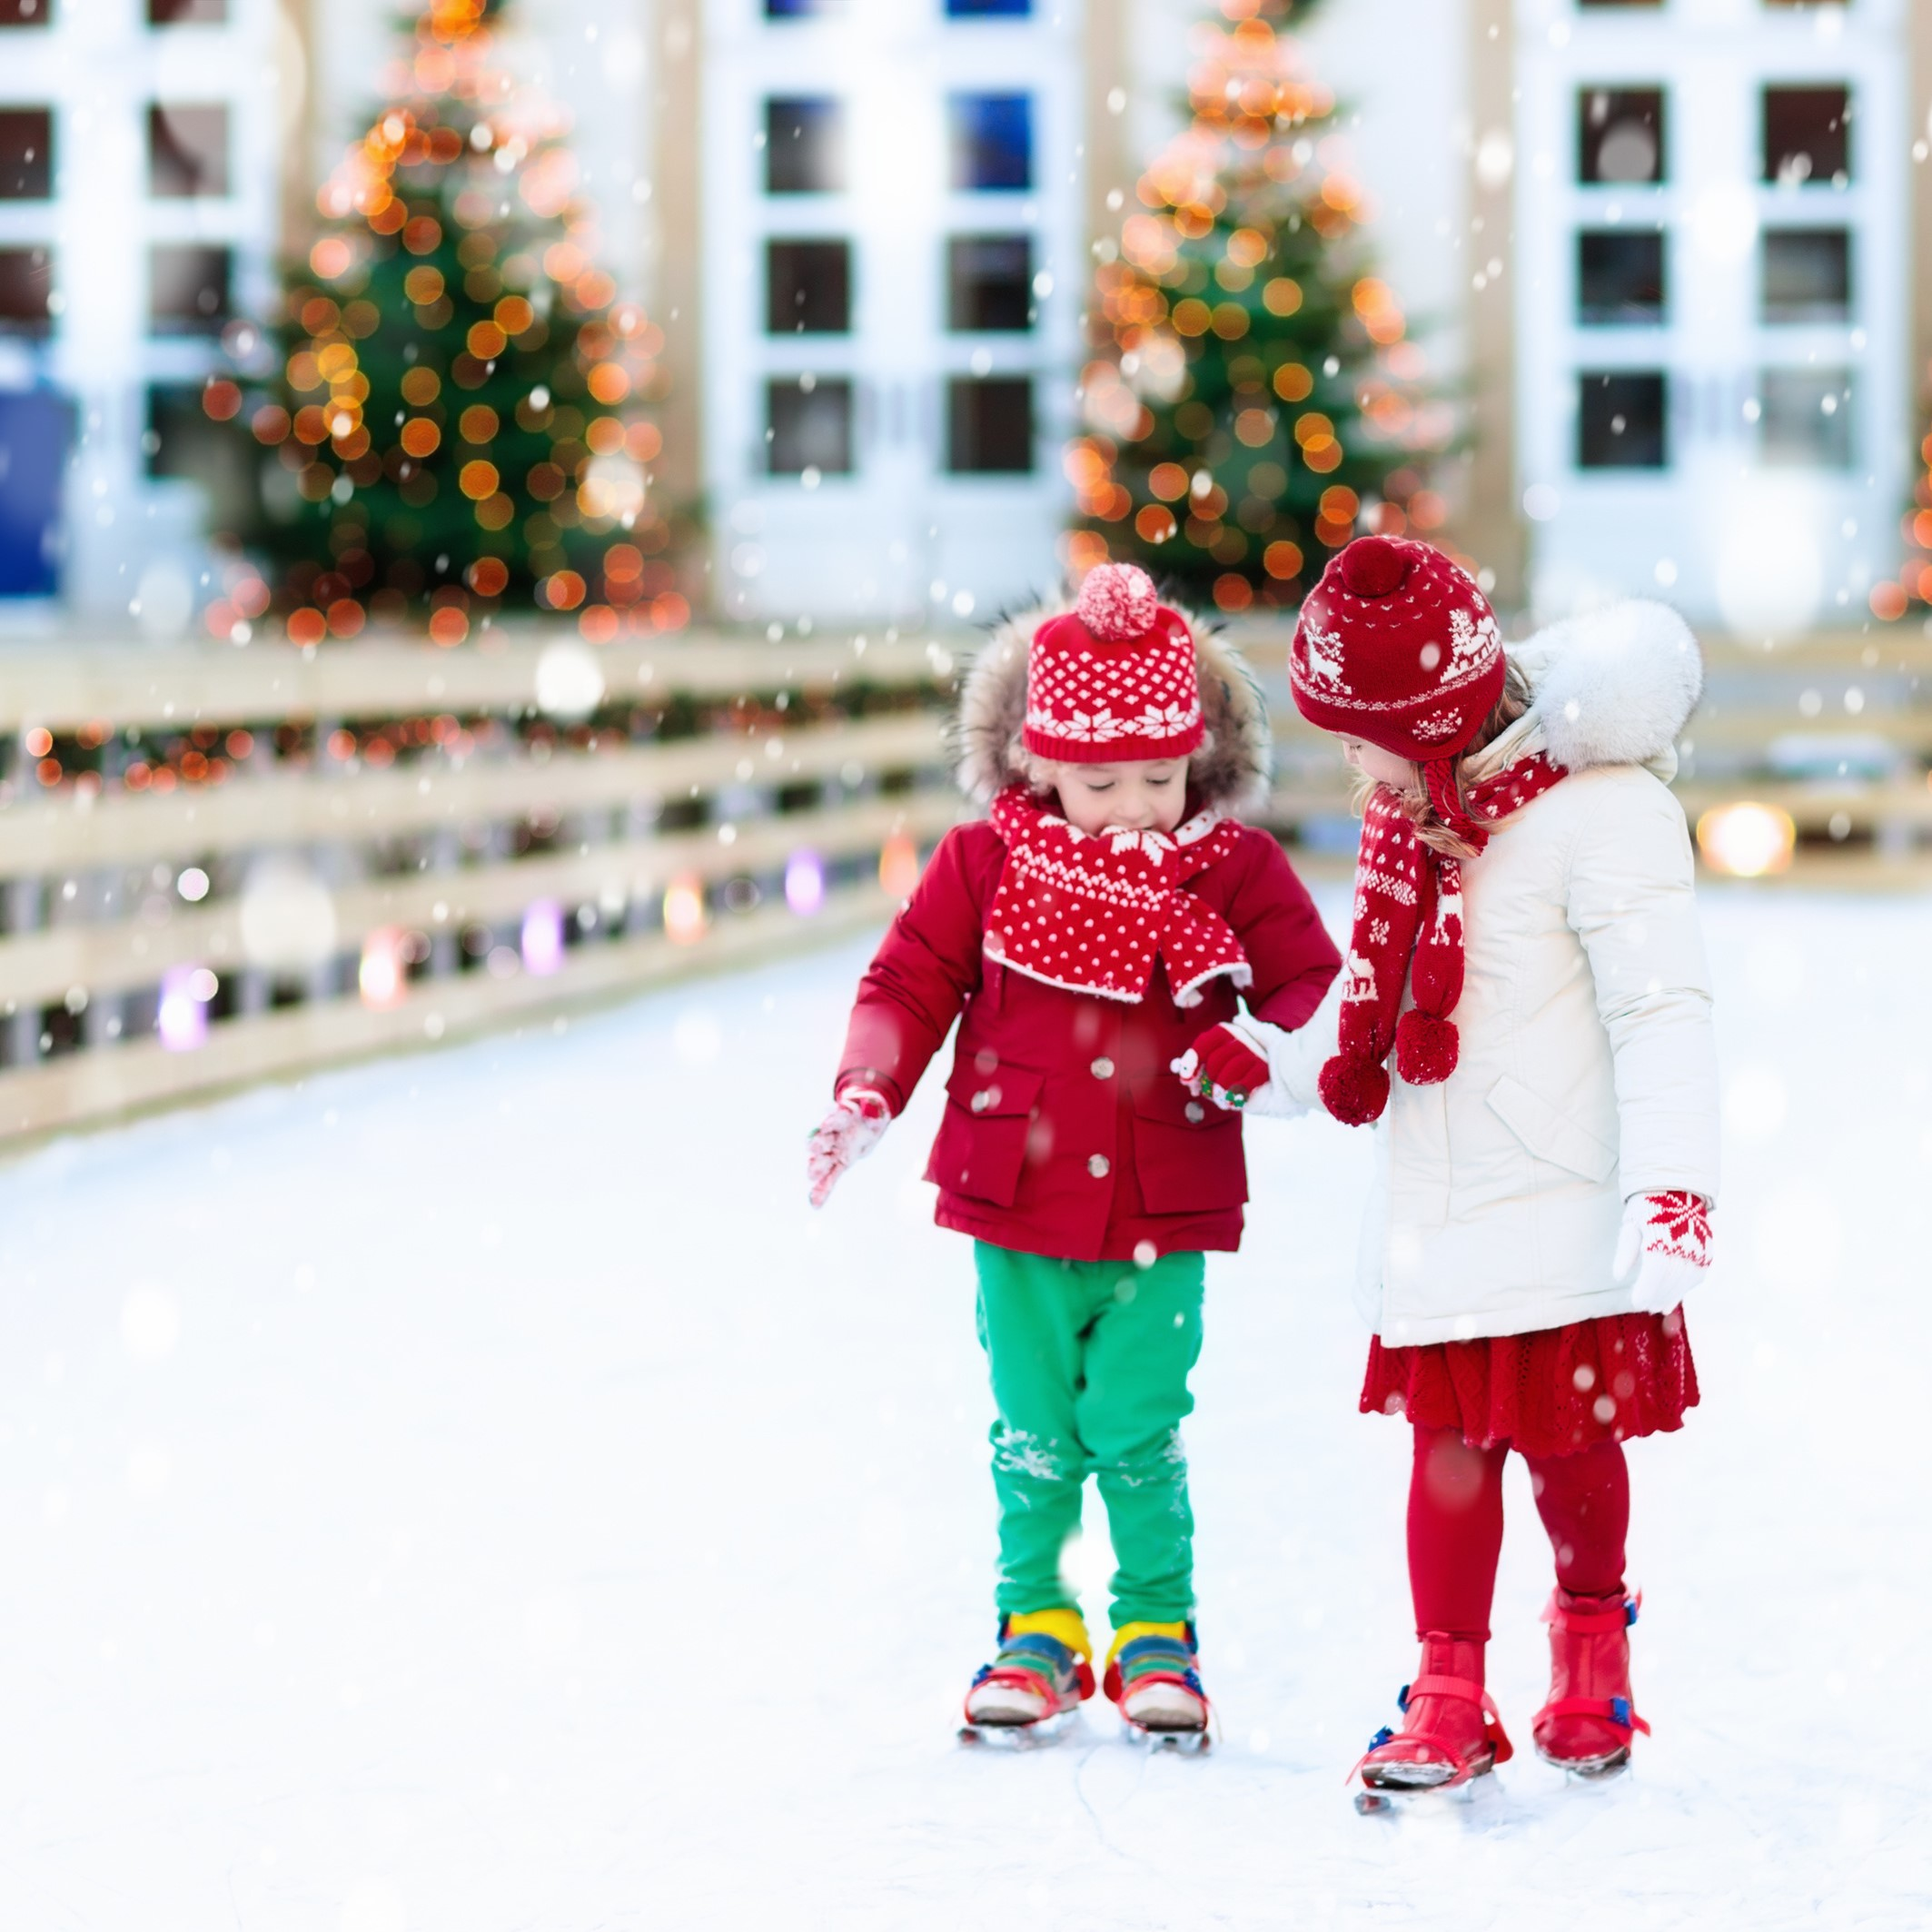 LA PATINOIRE - DATES : Tous les jours du 6 au 31 décembreLIEU : Juste devant le kiosque des BastionsPRIX :CHF 2.- pour la location des patins.Pour ceux qui ont les leurs, c'est gratuit!Comme à son habitude installée devant le restaurant des Bastions, elle sera ouverte tous les jours au mêmes horaires que le Marché de Noël.